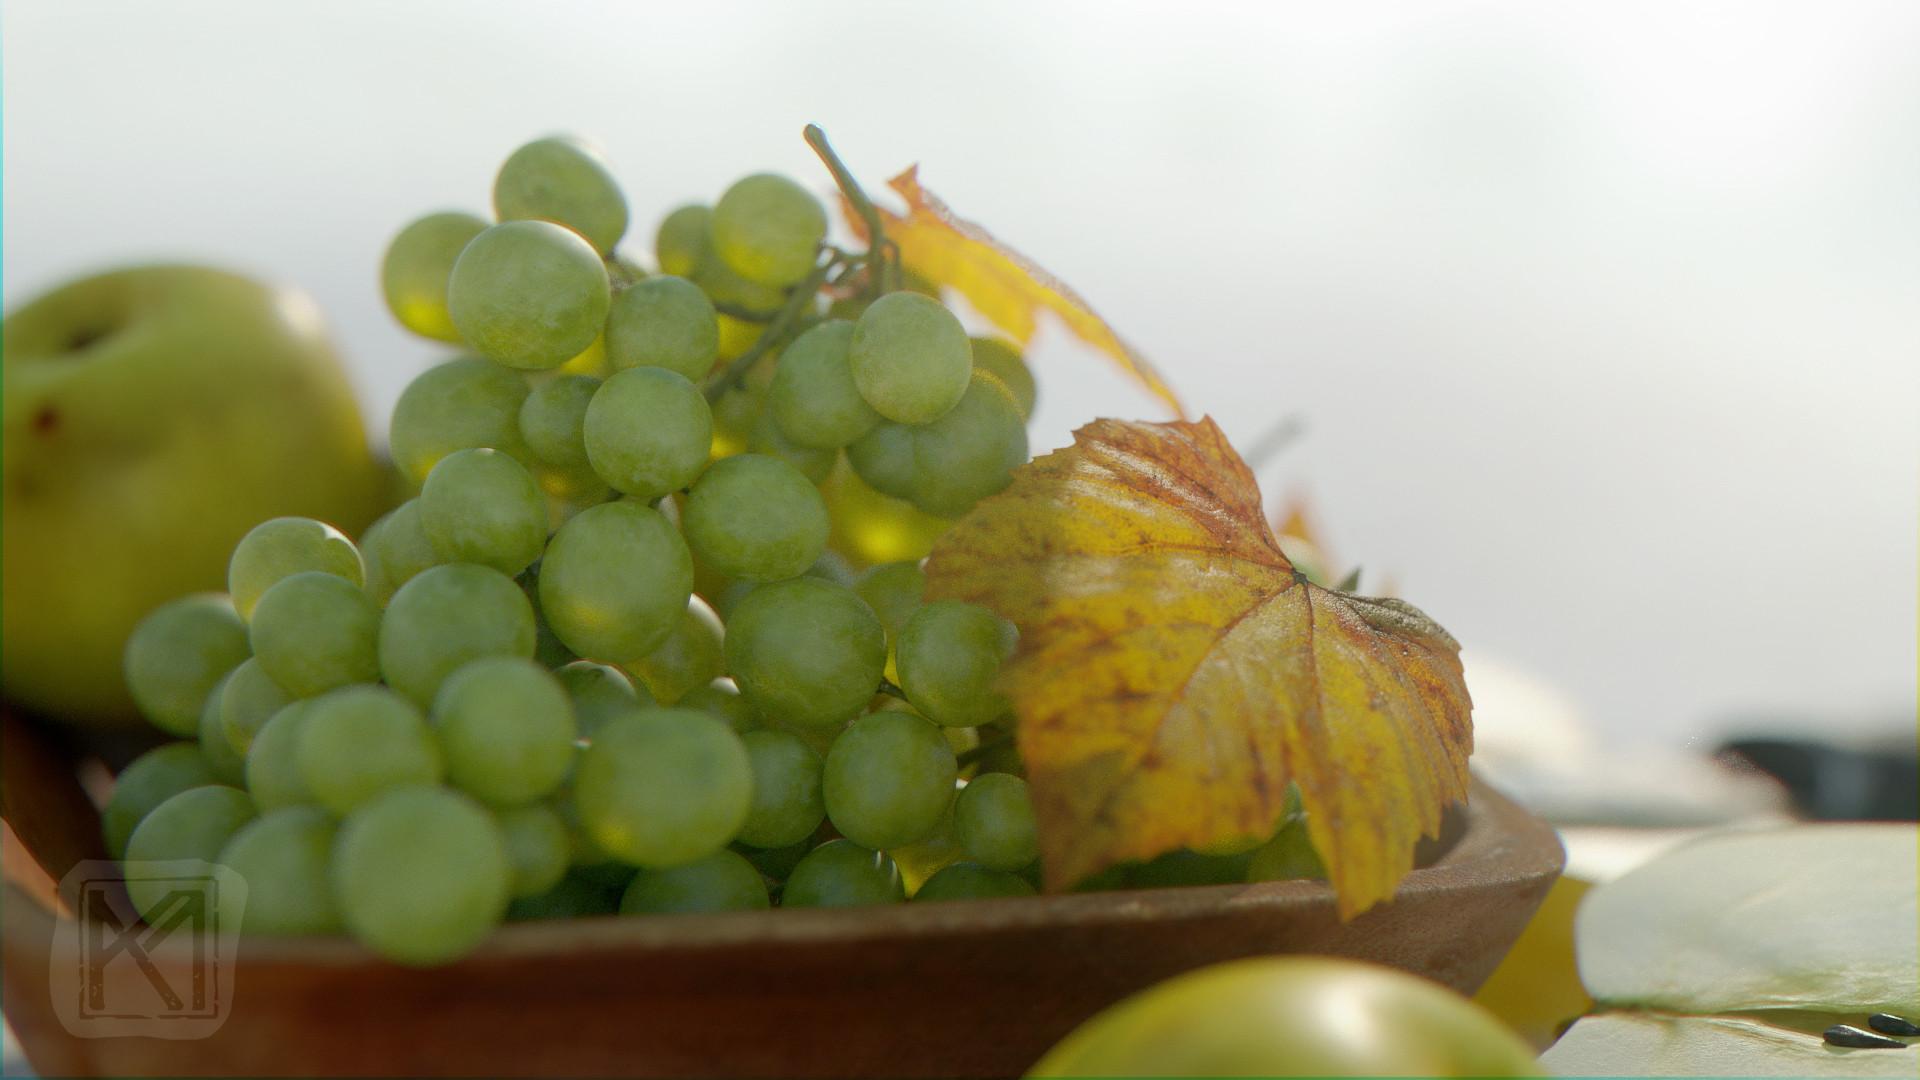 FruitBowl_MK3D_01.jpg